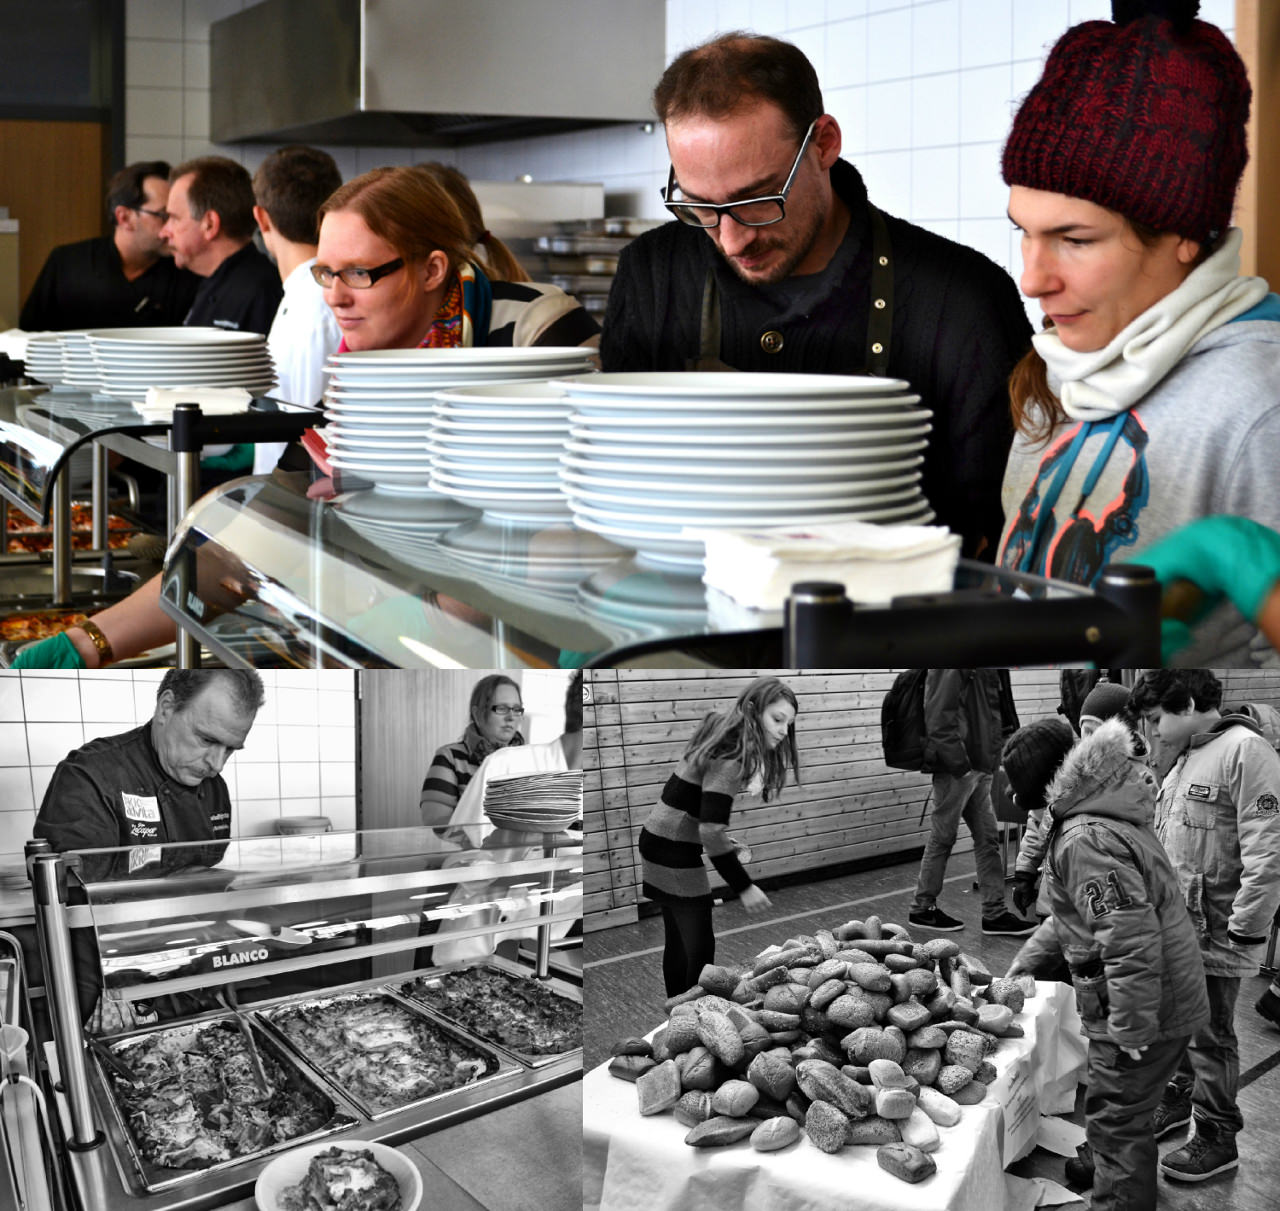 Foodfighters Kochshow in der IGS Emmelshausen.